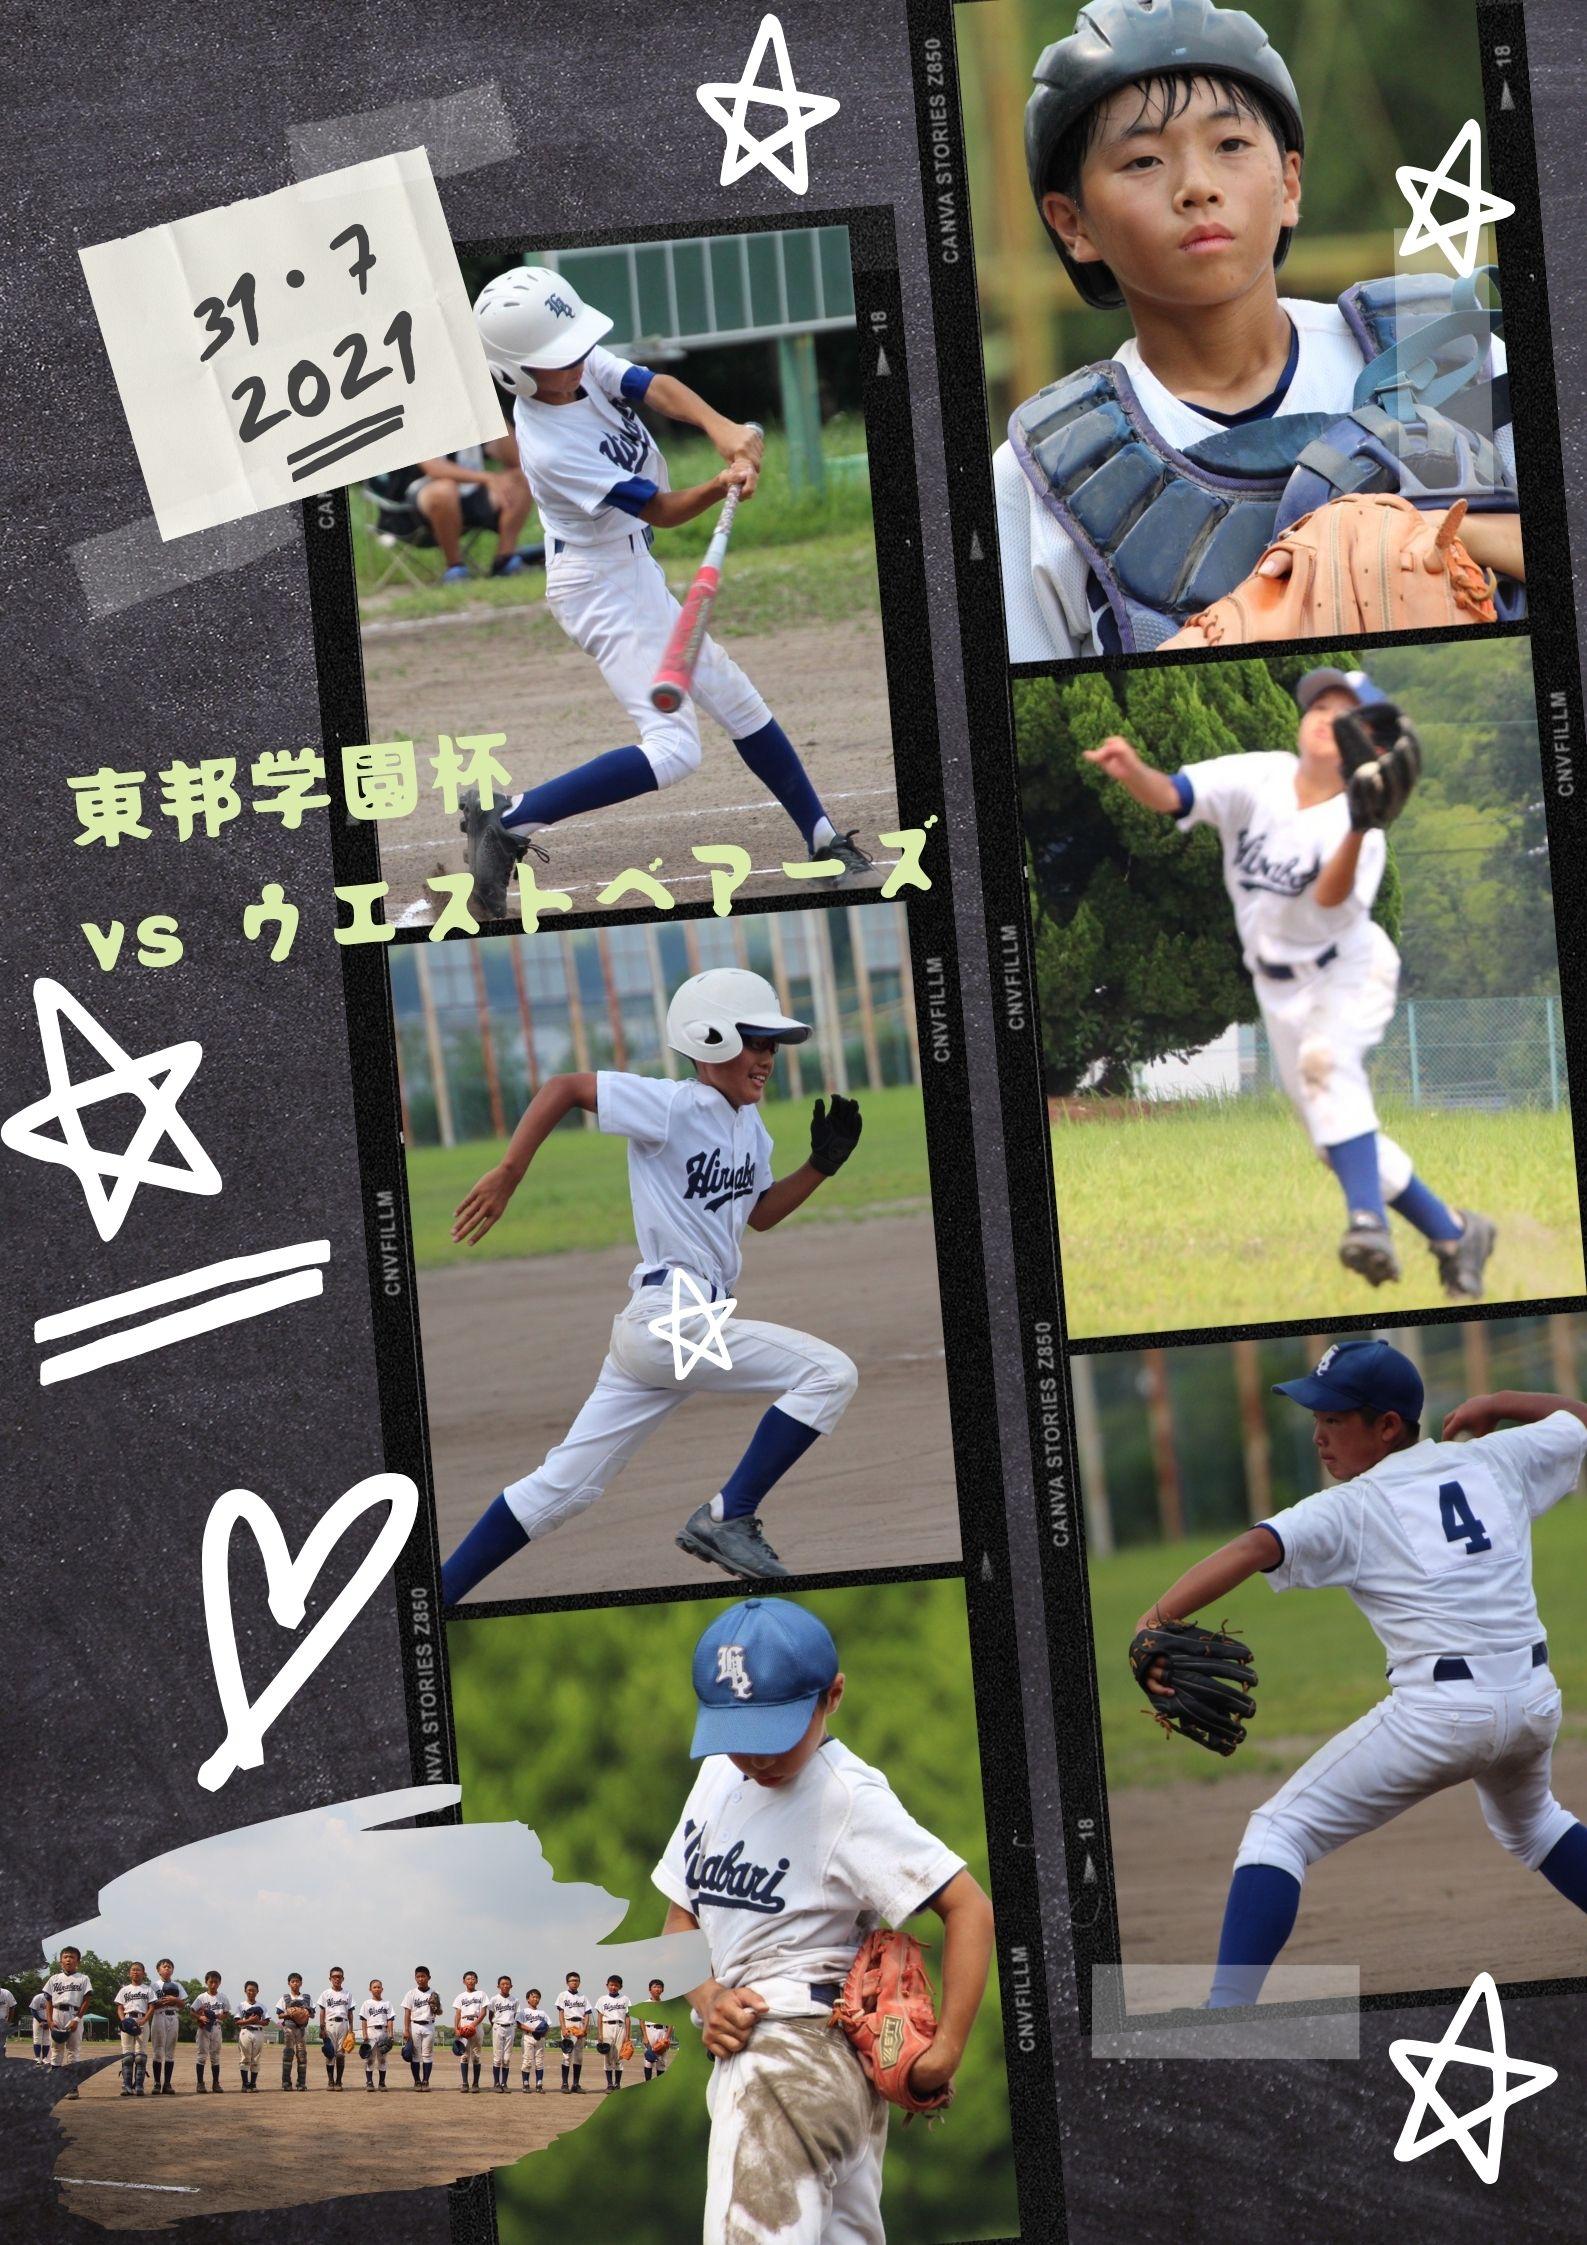 2021/7/31⚾Aチーム⚾東邦学園杯